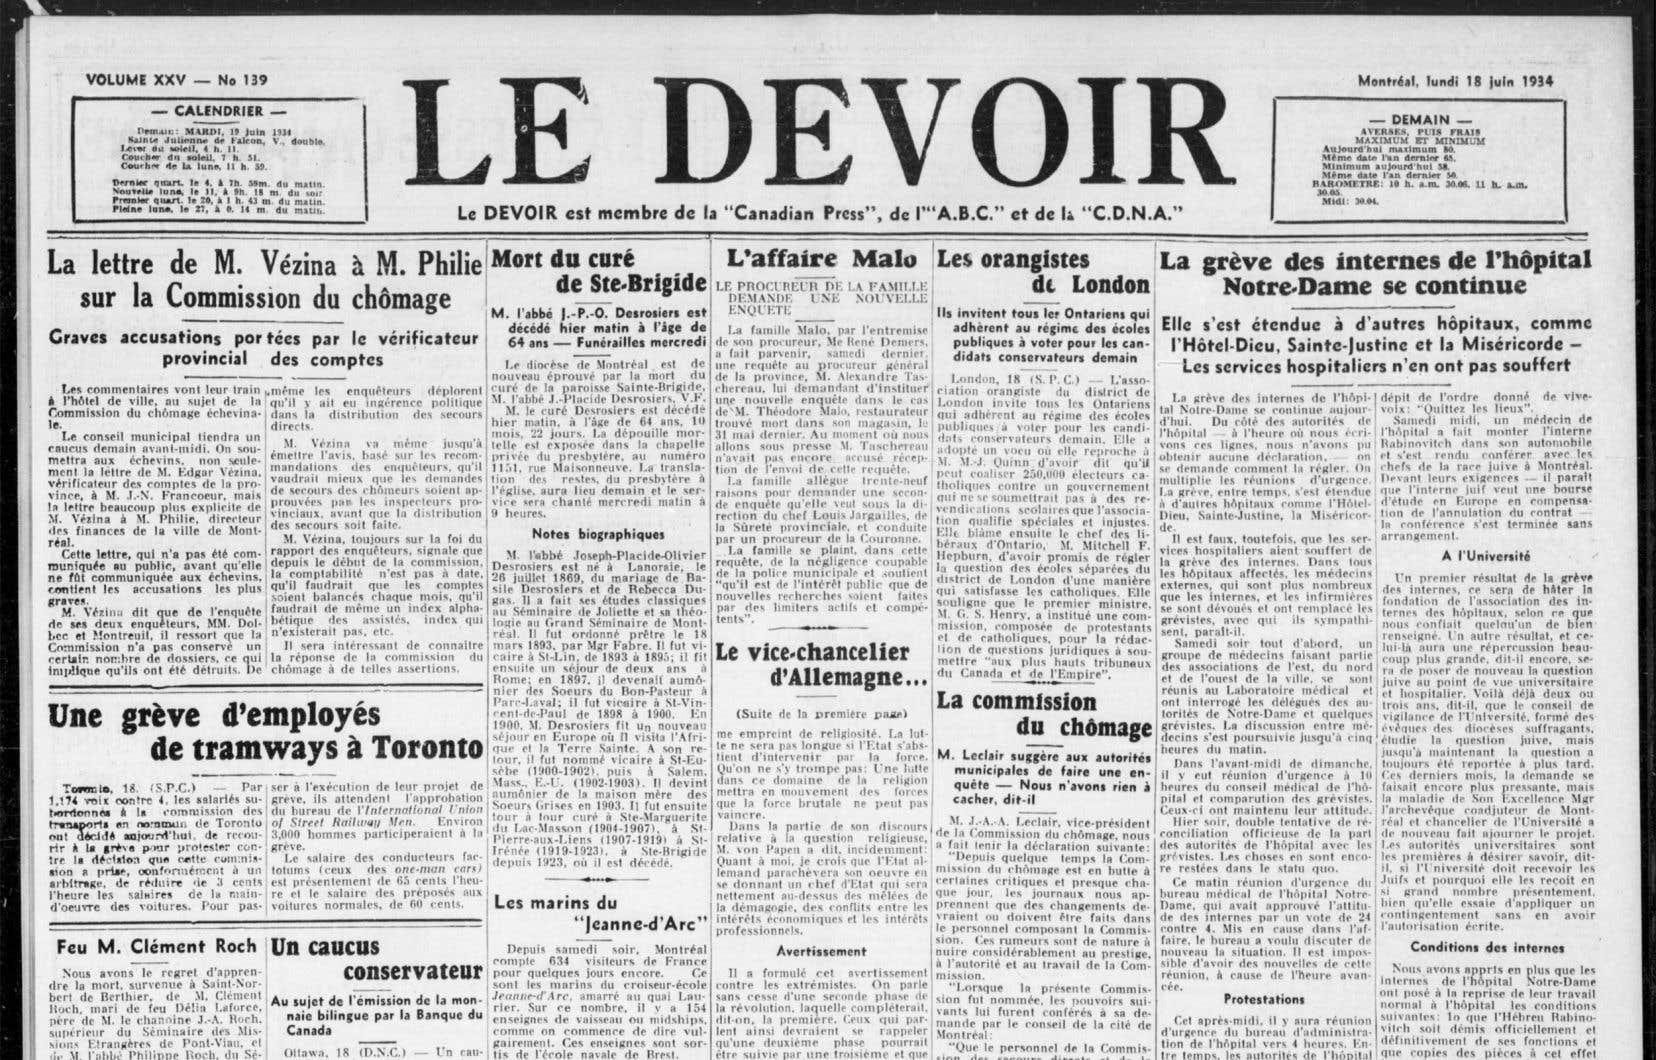 L'édition du «Devoir» du 18 juin 1934 fait mention des négociations entre les autorités de l'hôpital Notre-Dame et le médecin Samuel Rabinovitch concernant son départ.